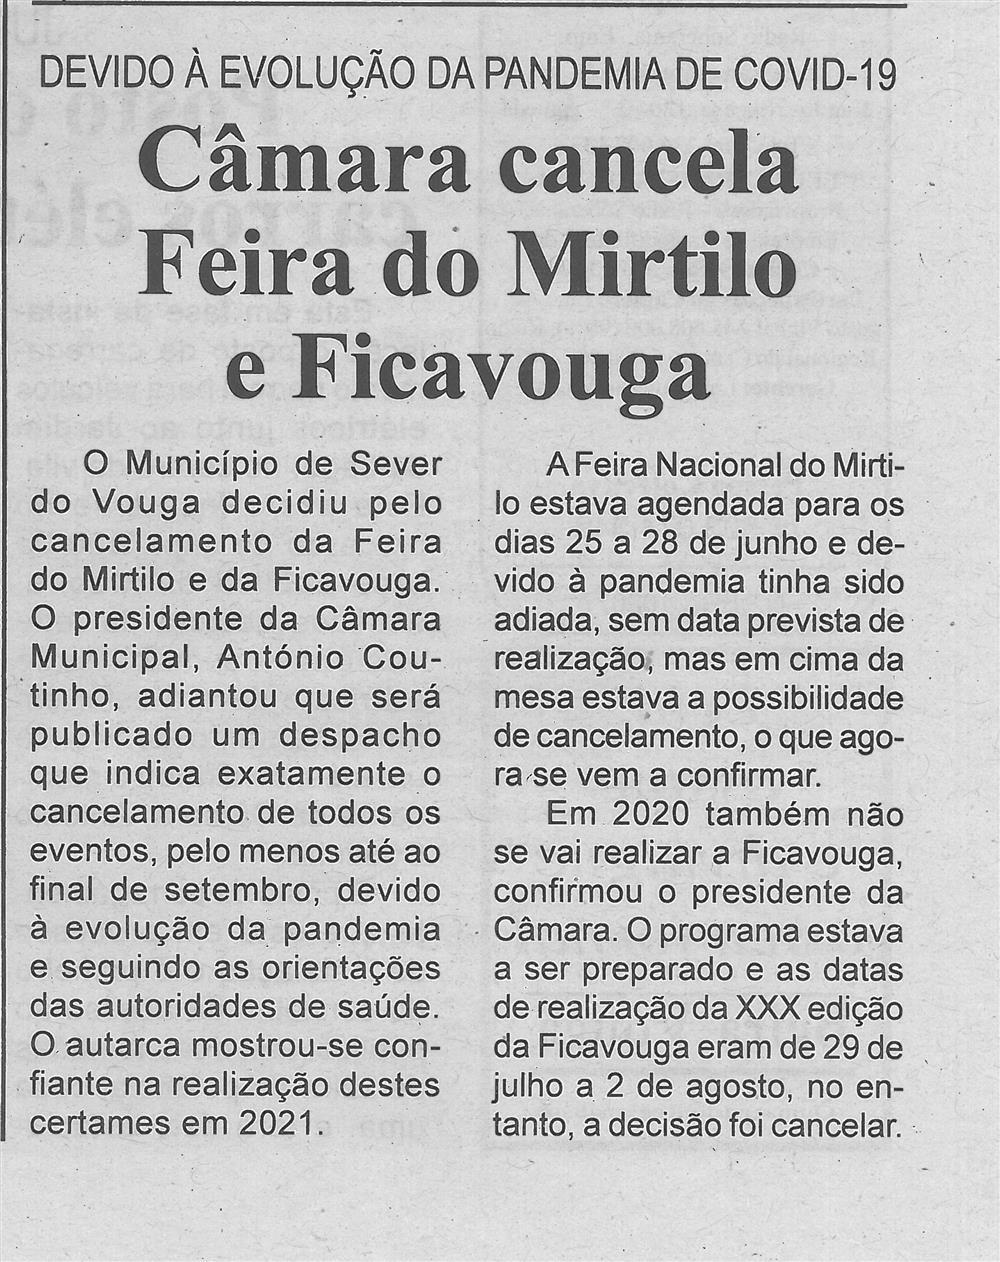 BV-2.ªmaio'20-p.3-Câmara cancela Feira do Mirtilo e FicaVouga devido à evolução da pandemia de covid-19.jpg